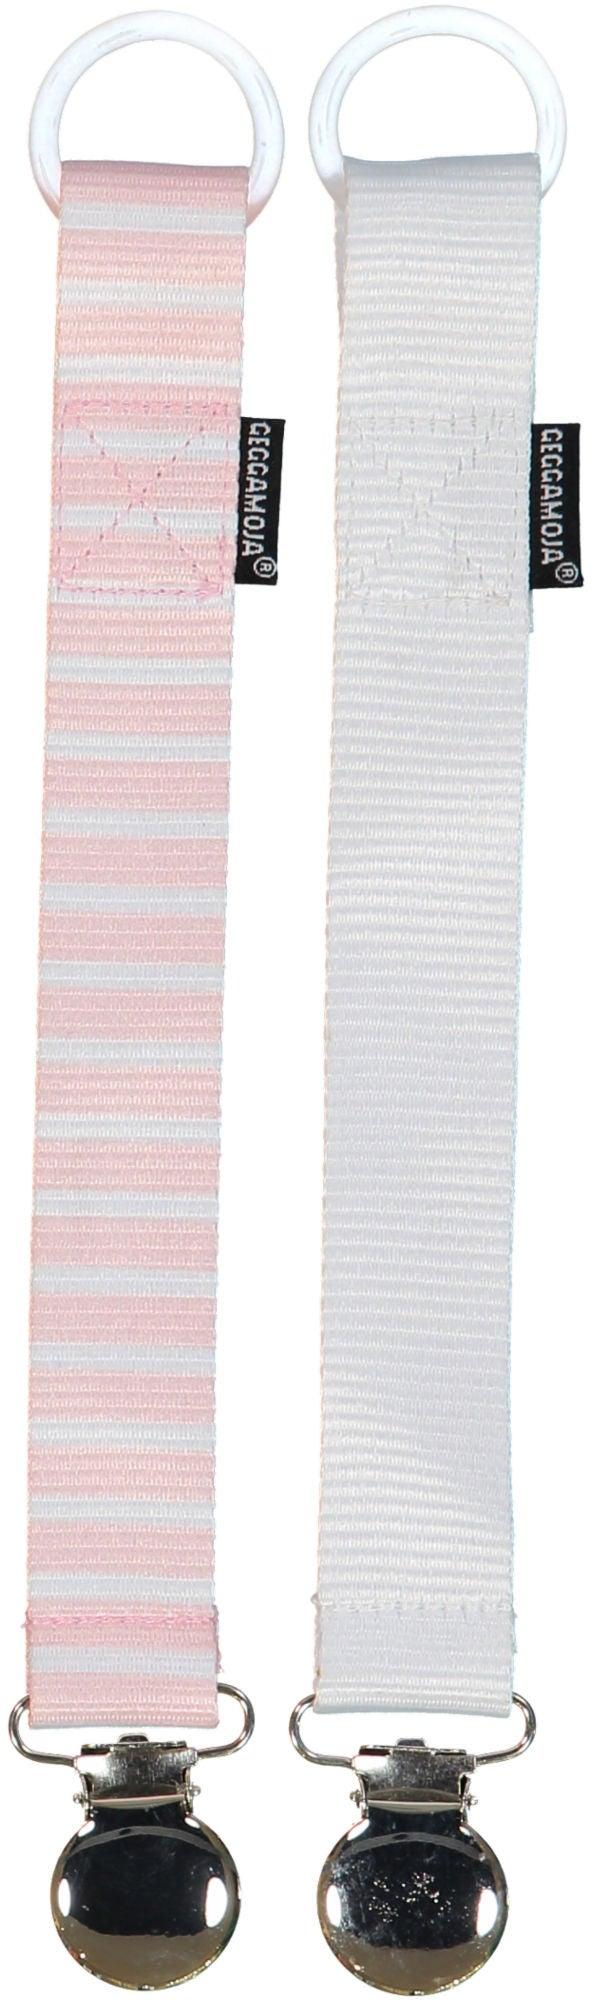 Geggamoja Napphållare 2-Pack, Rosa/Vit